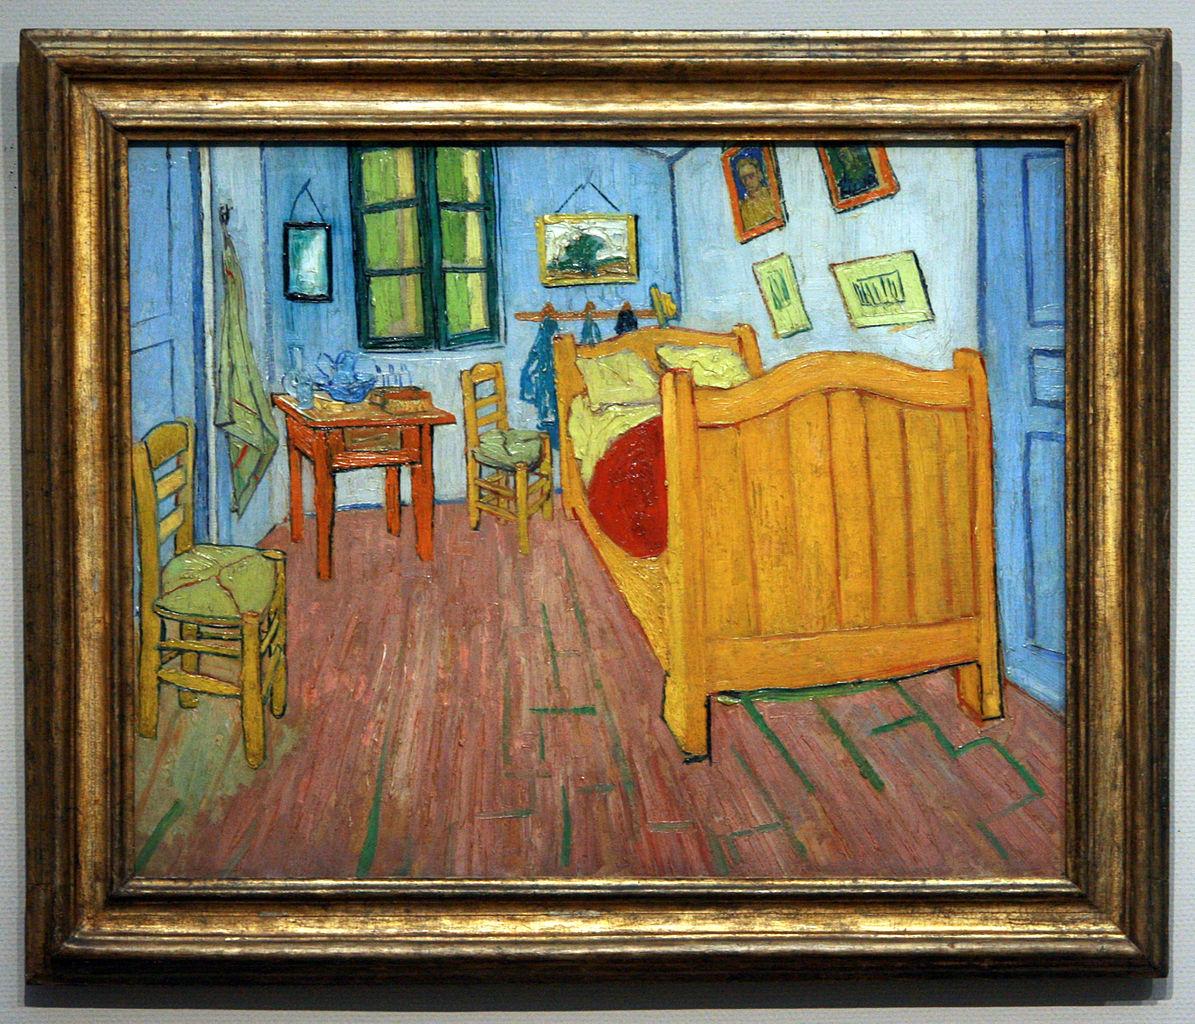 u0645u0644u0641:WLANL - Techdiva 1.0 - De slaapkamer, Vincent van Gogh (1888 ...